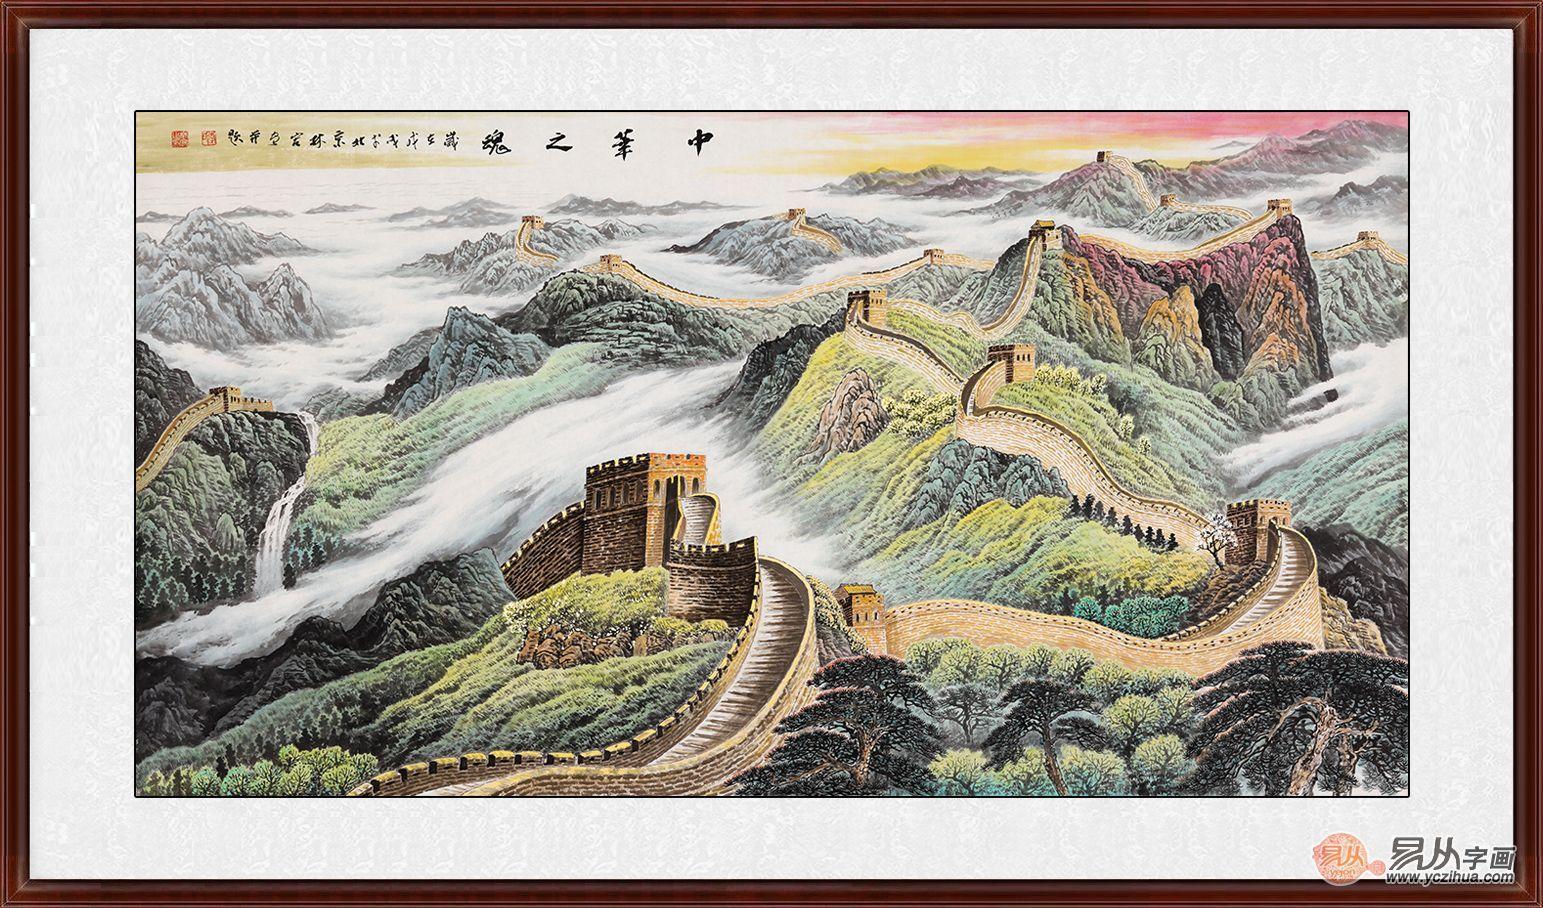 李林宏最新创作六尺横幅万里长城《中华之魂》